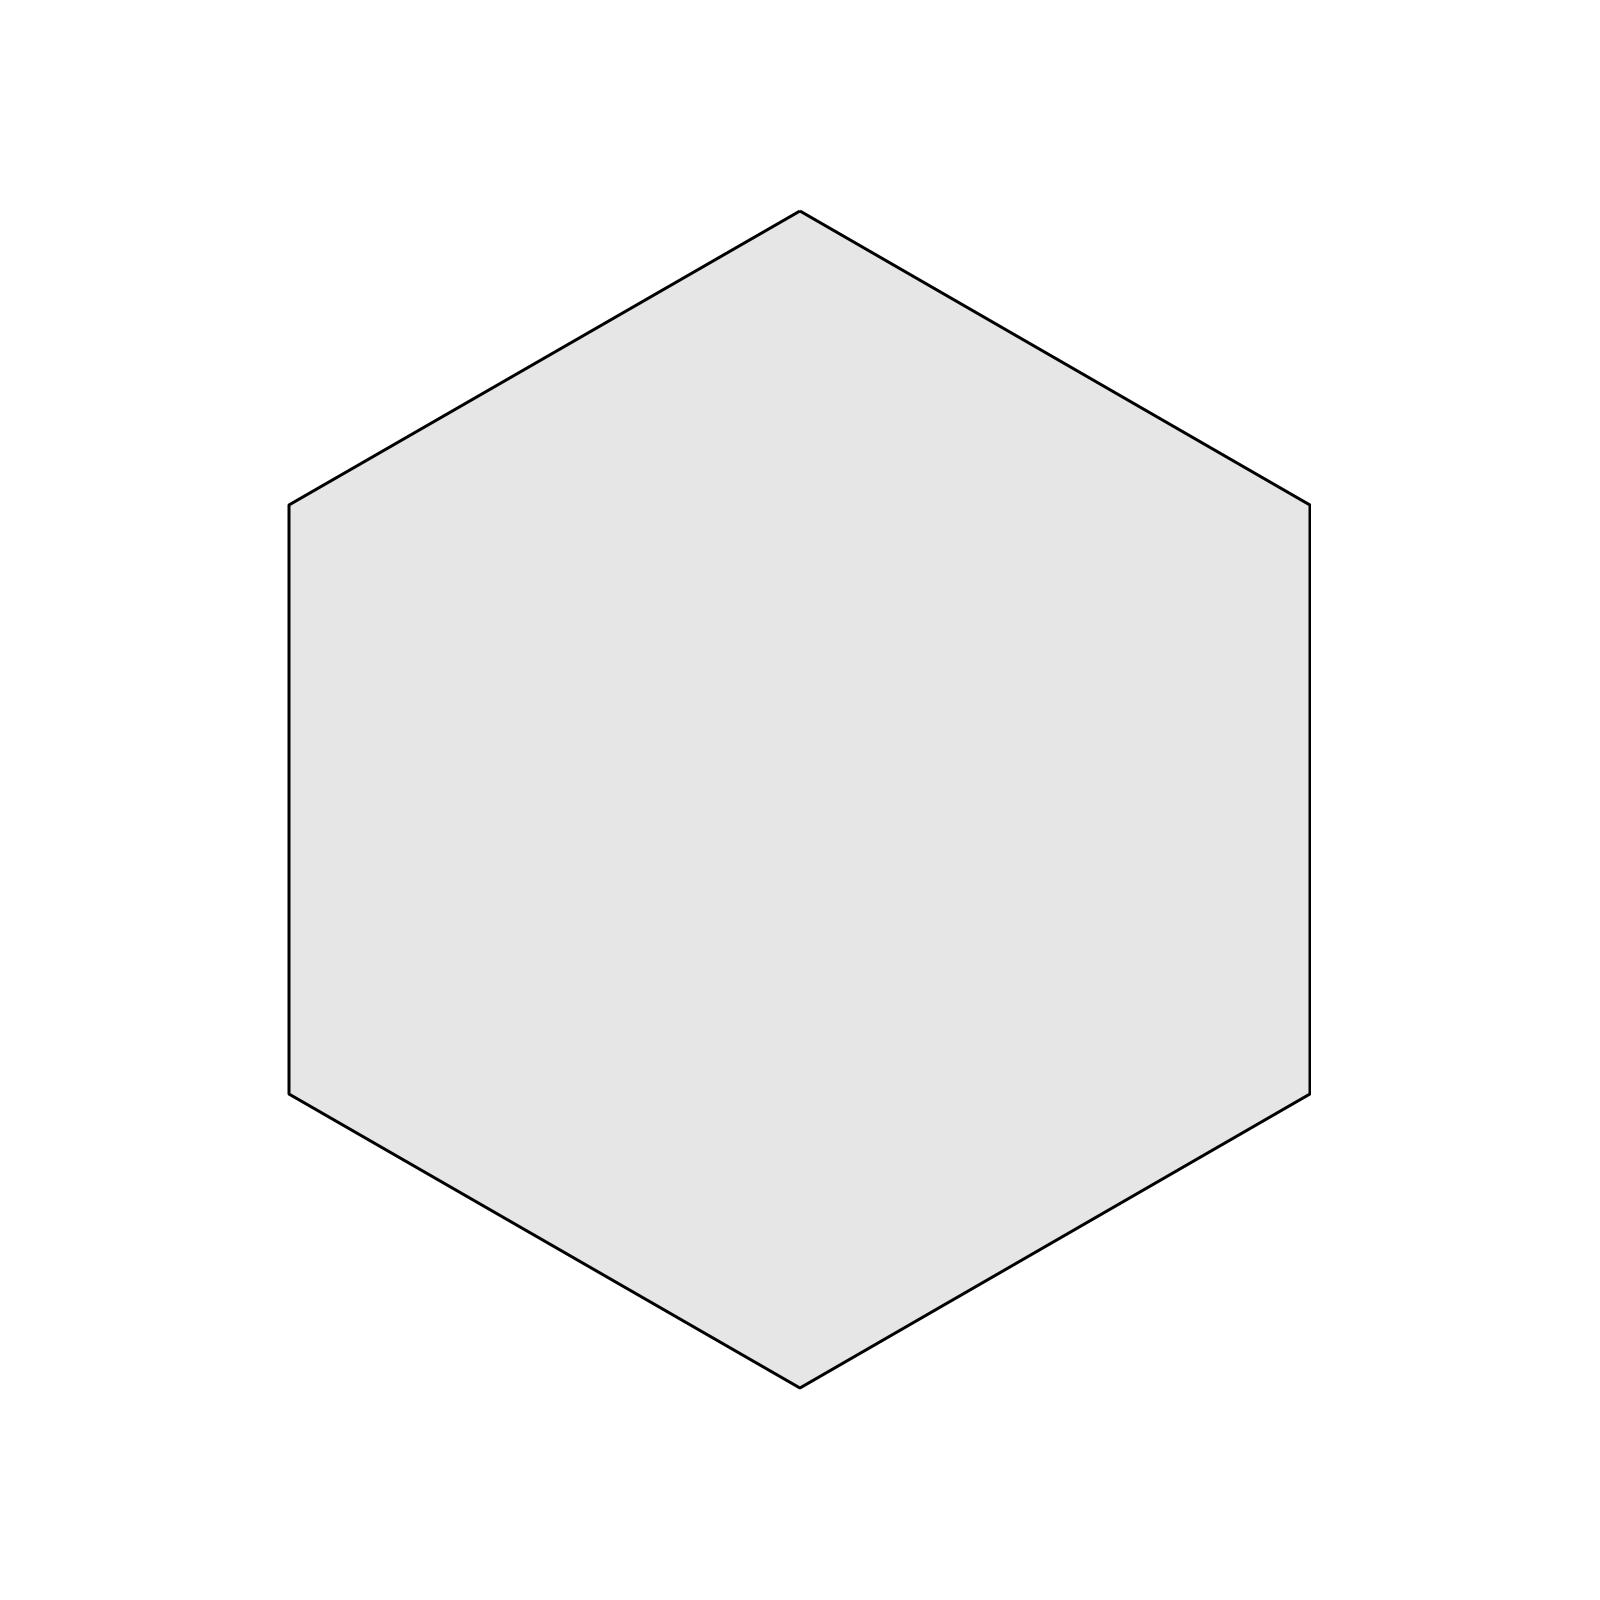 Hexagon PNG - 19661